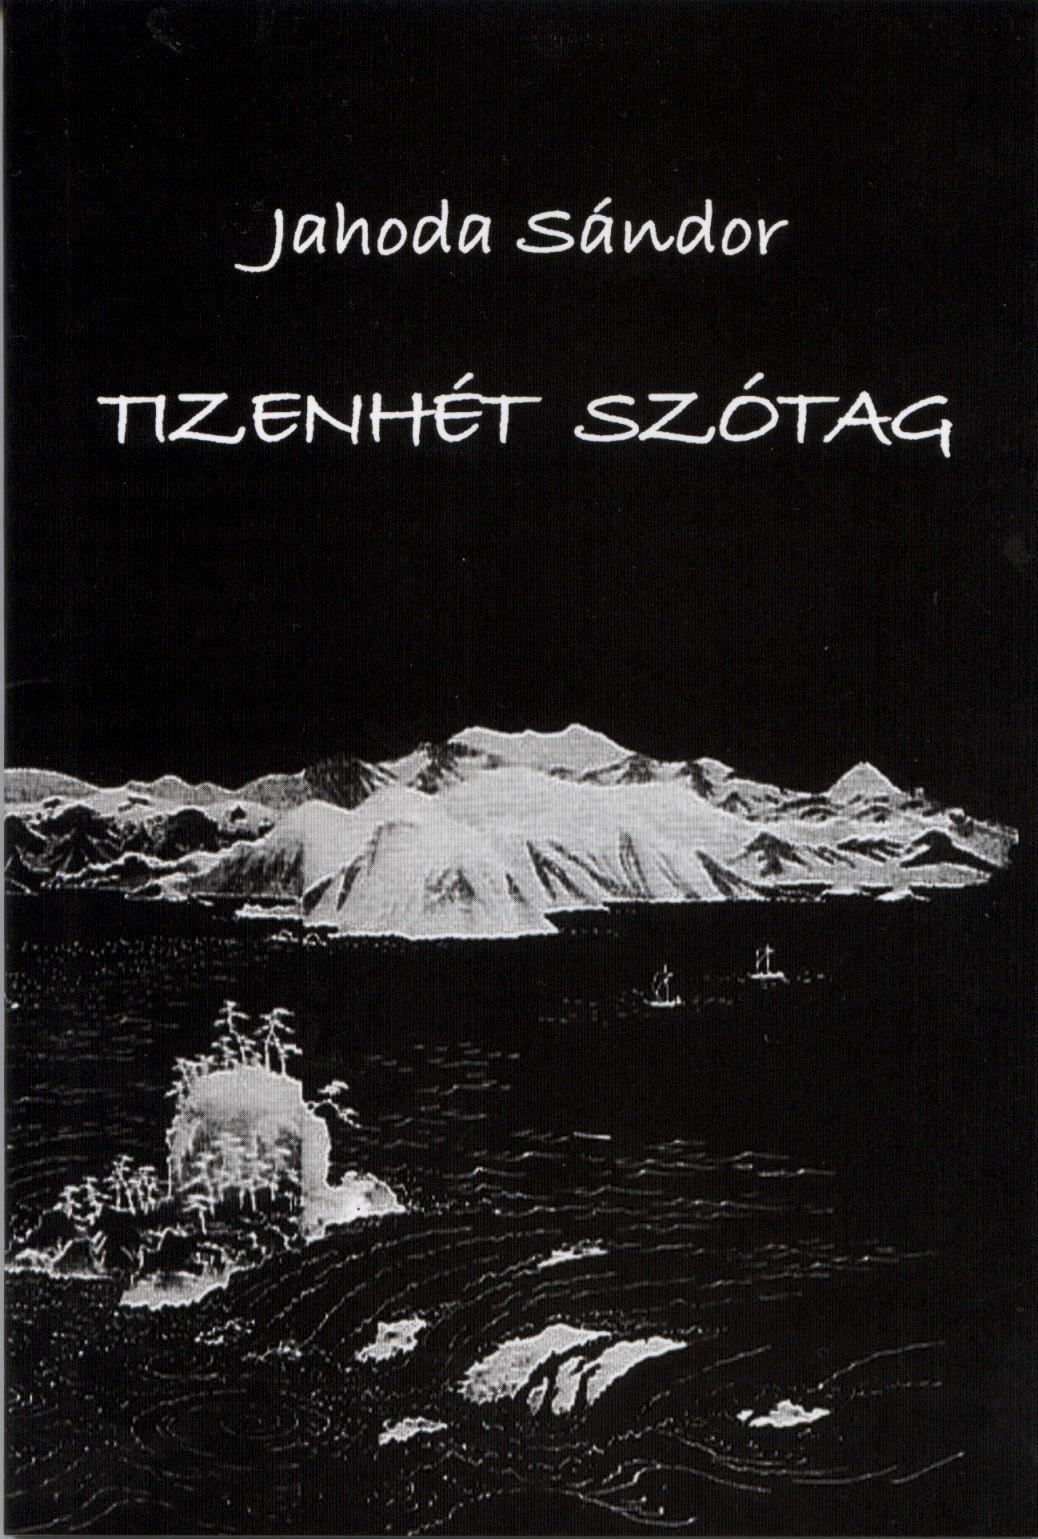 TIZENHÉT SZÓTAG